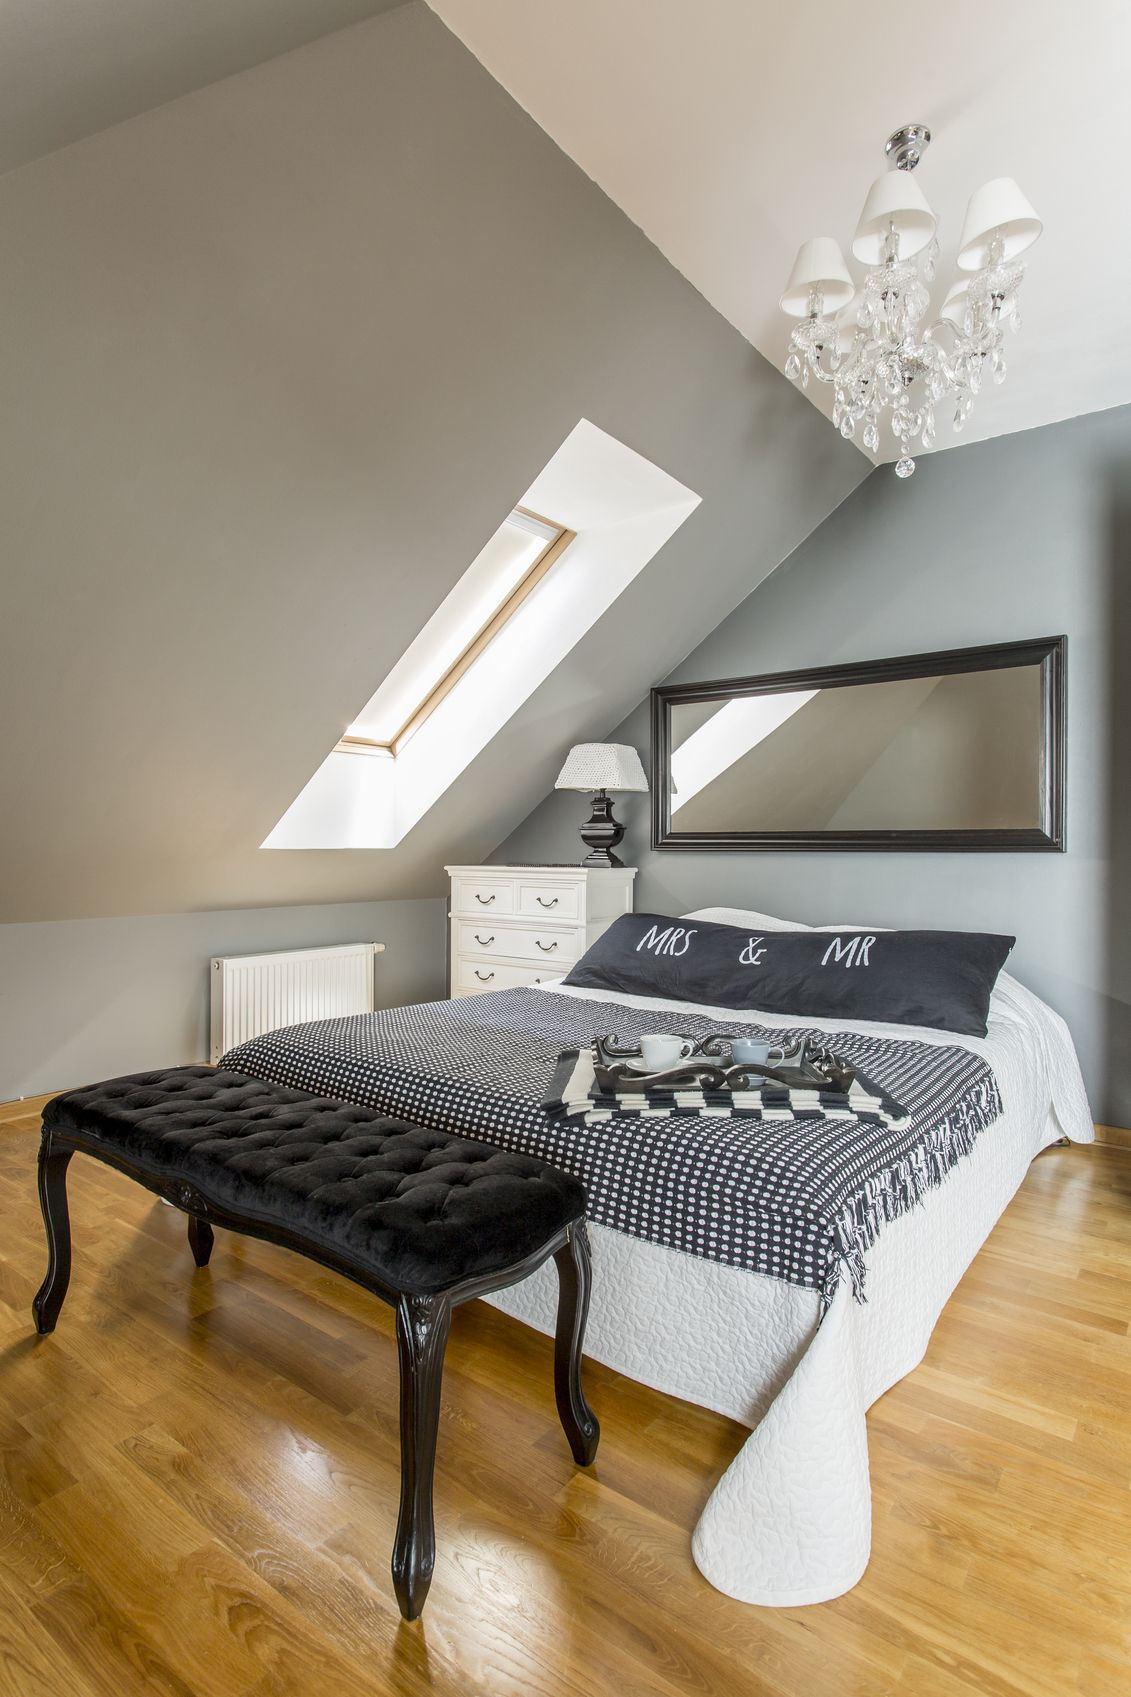 Dachschrägen Gestalten: Mit Diesen 6 Tipps Richtet Ihr Euer Schlafzimmer  Perfekt Ein! Nice Look